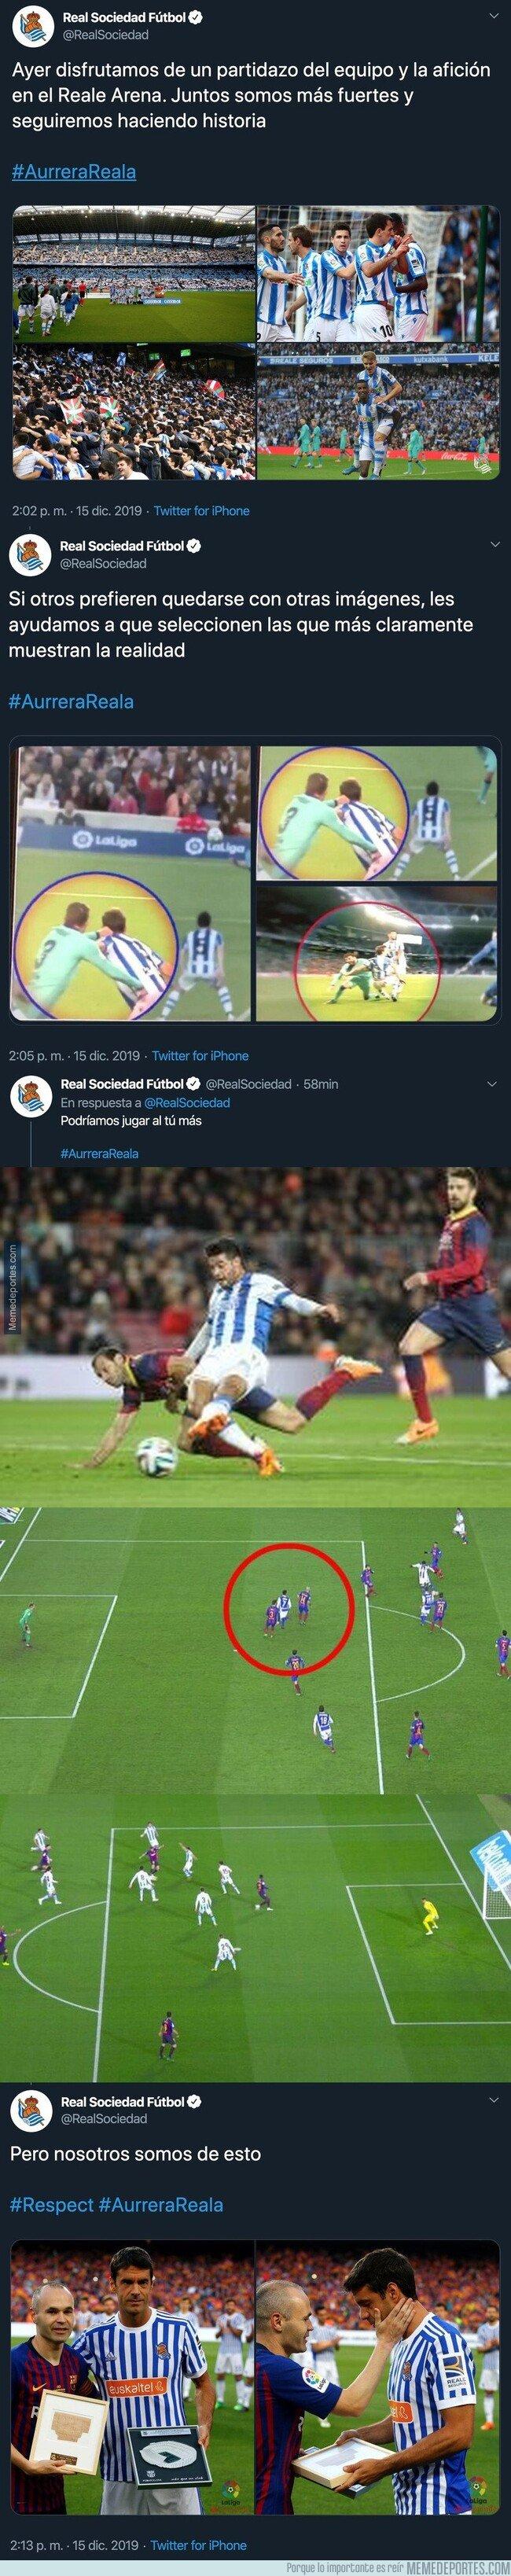 1093545 - La Real Sociedad le acaba de pegar un ZASCA monumental al Barça y a todos los culés que se quejan del arbitraje en Anoeta